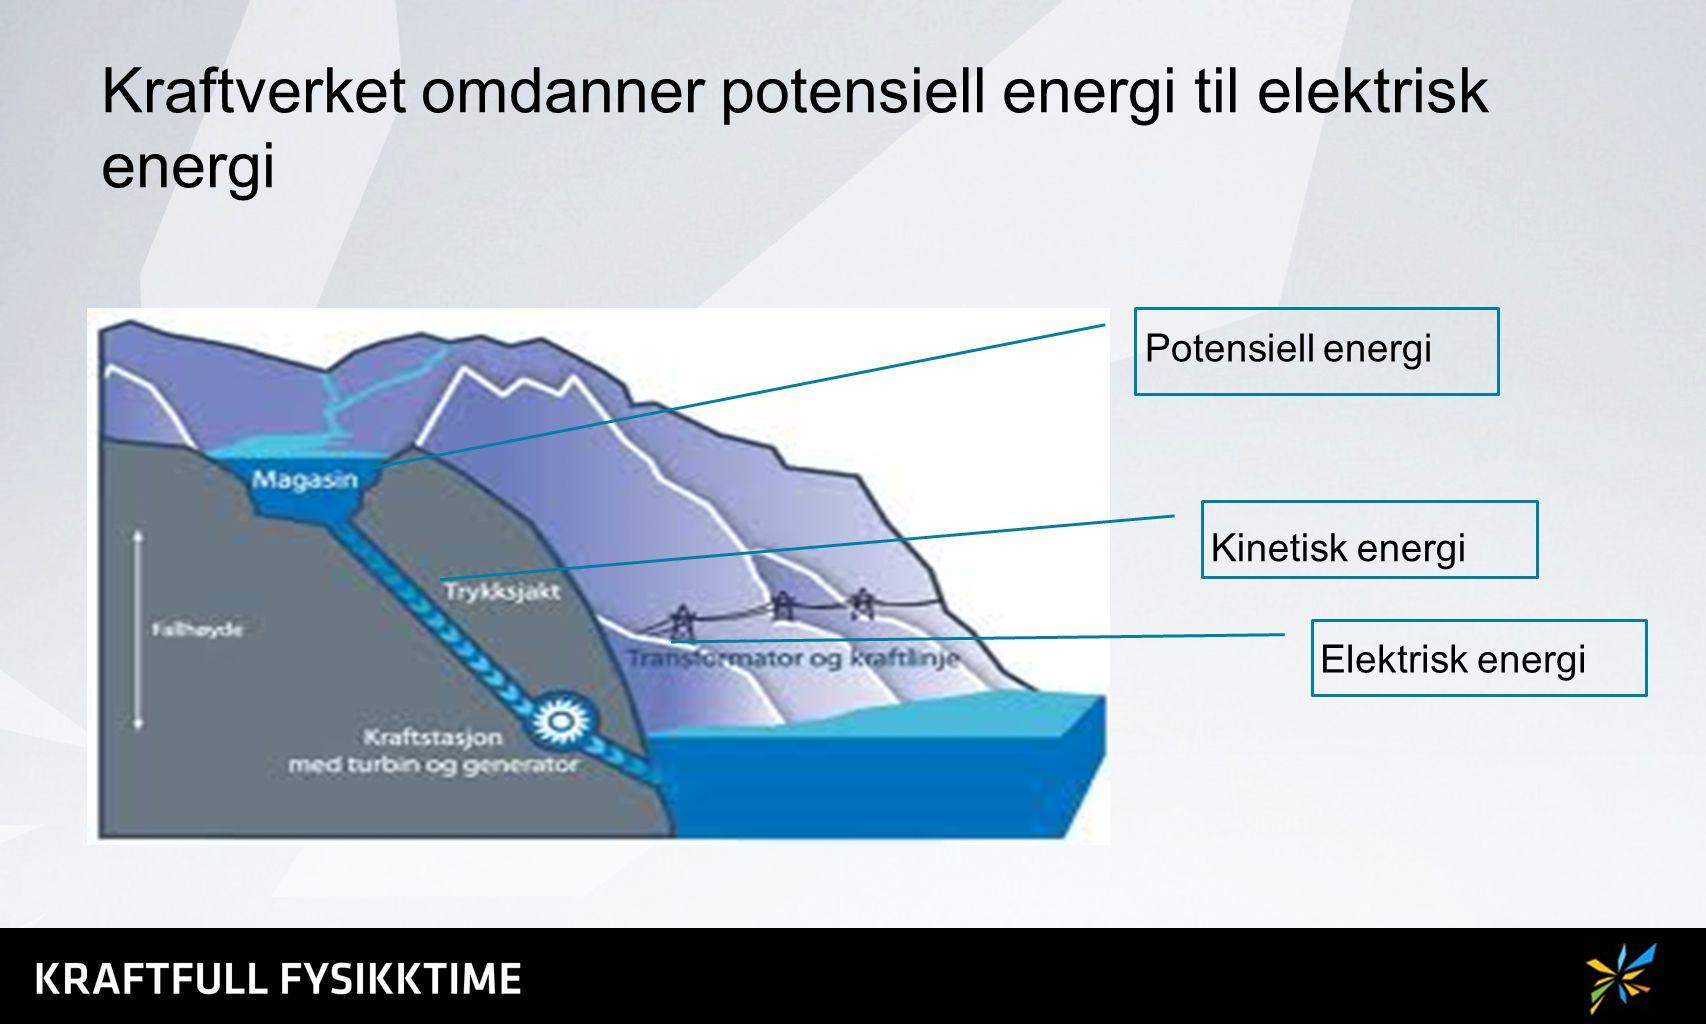 Kraftverket omdanner potensiell energi til elektrisk energi